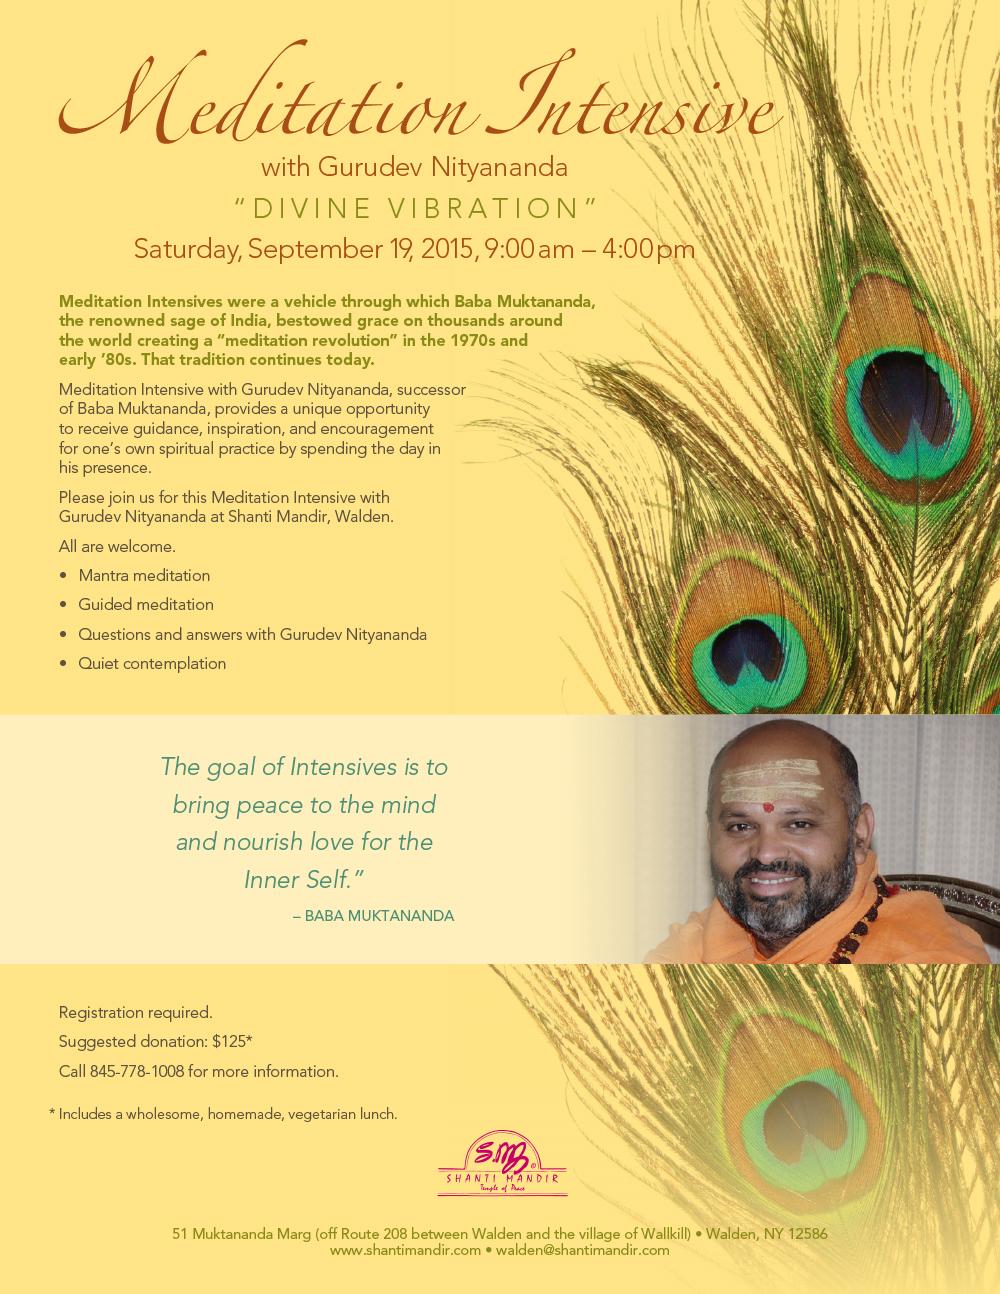 Meditation Intensive Flyer-Sept 2015